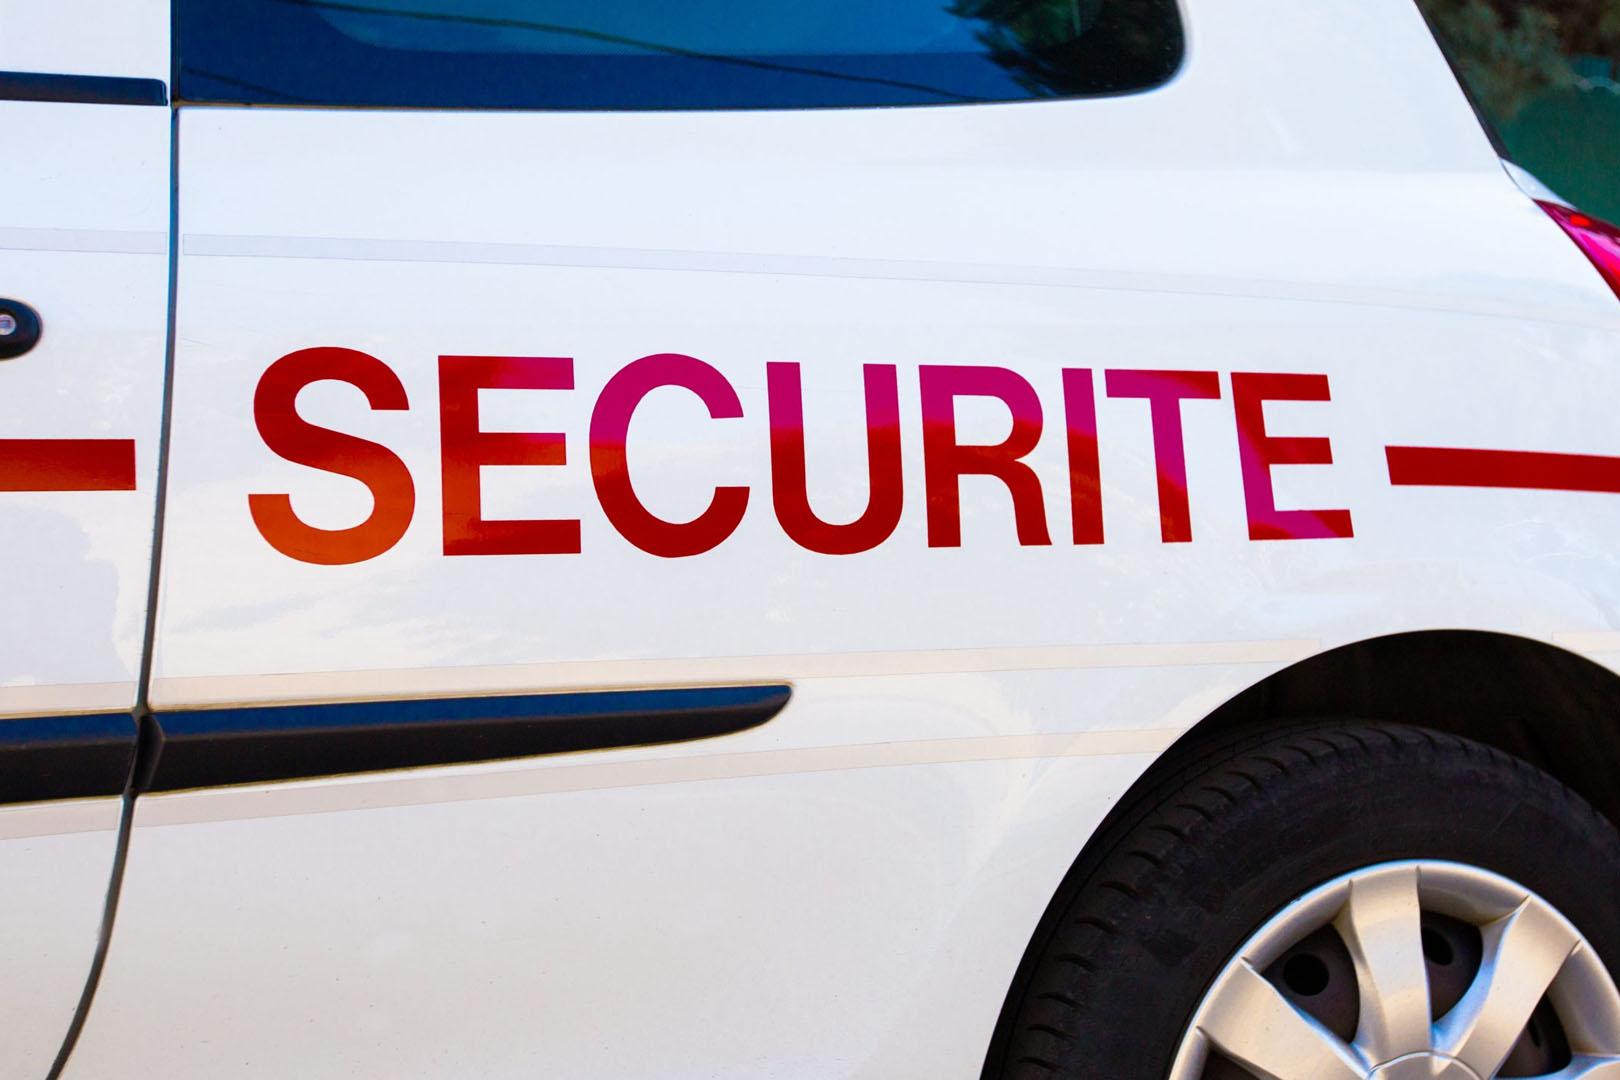 Véhicule de sécurité